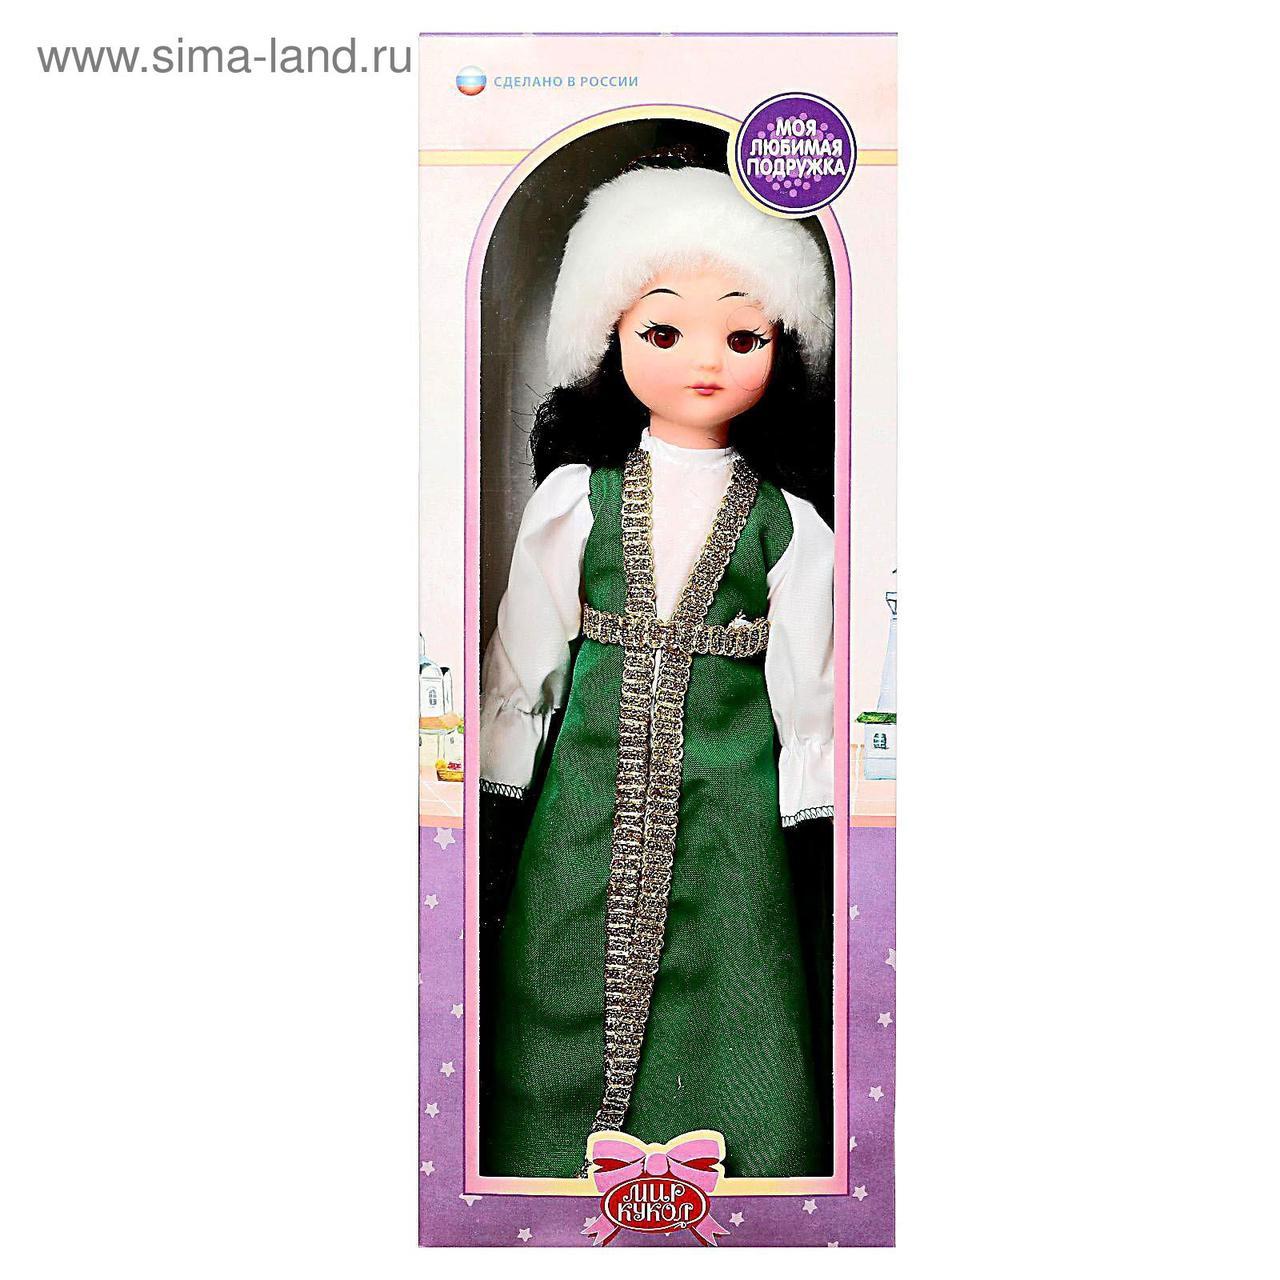 Кукла «Казашка», 45 см, цвета МИКС - фото 5